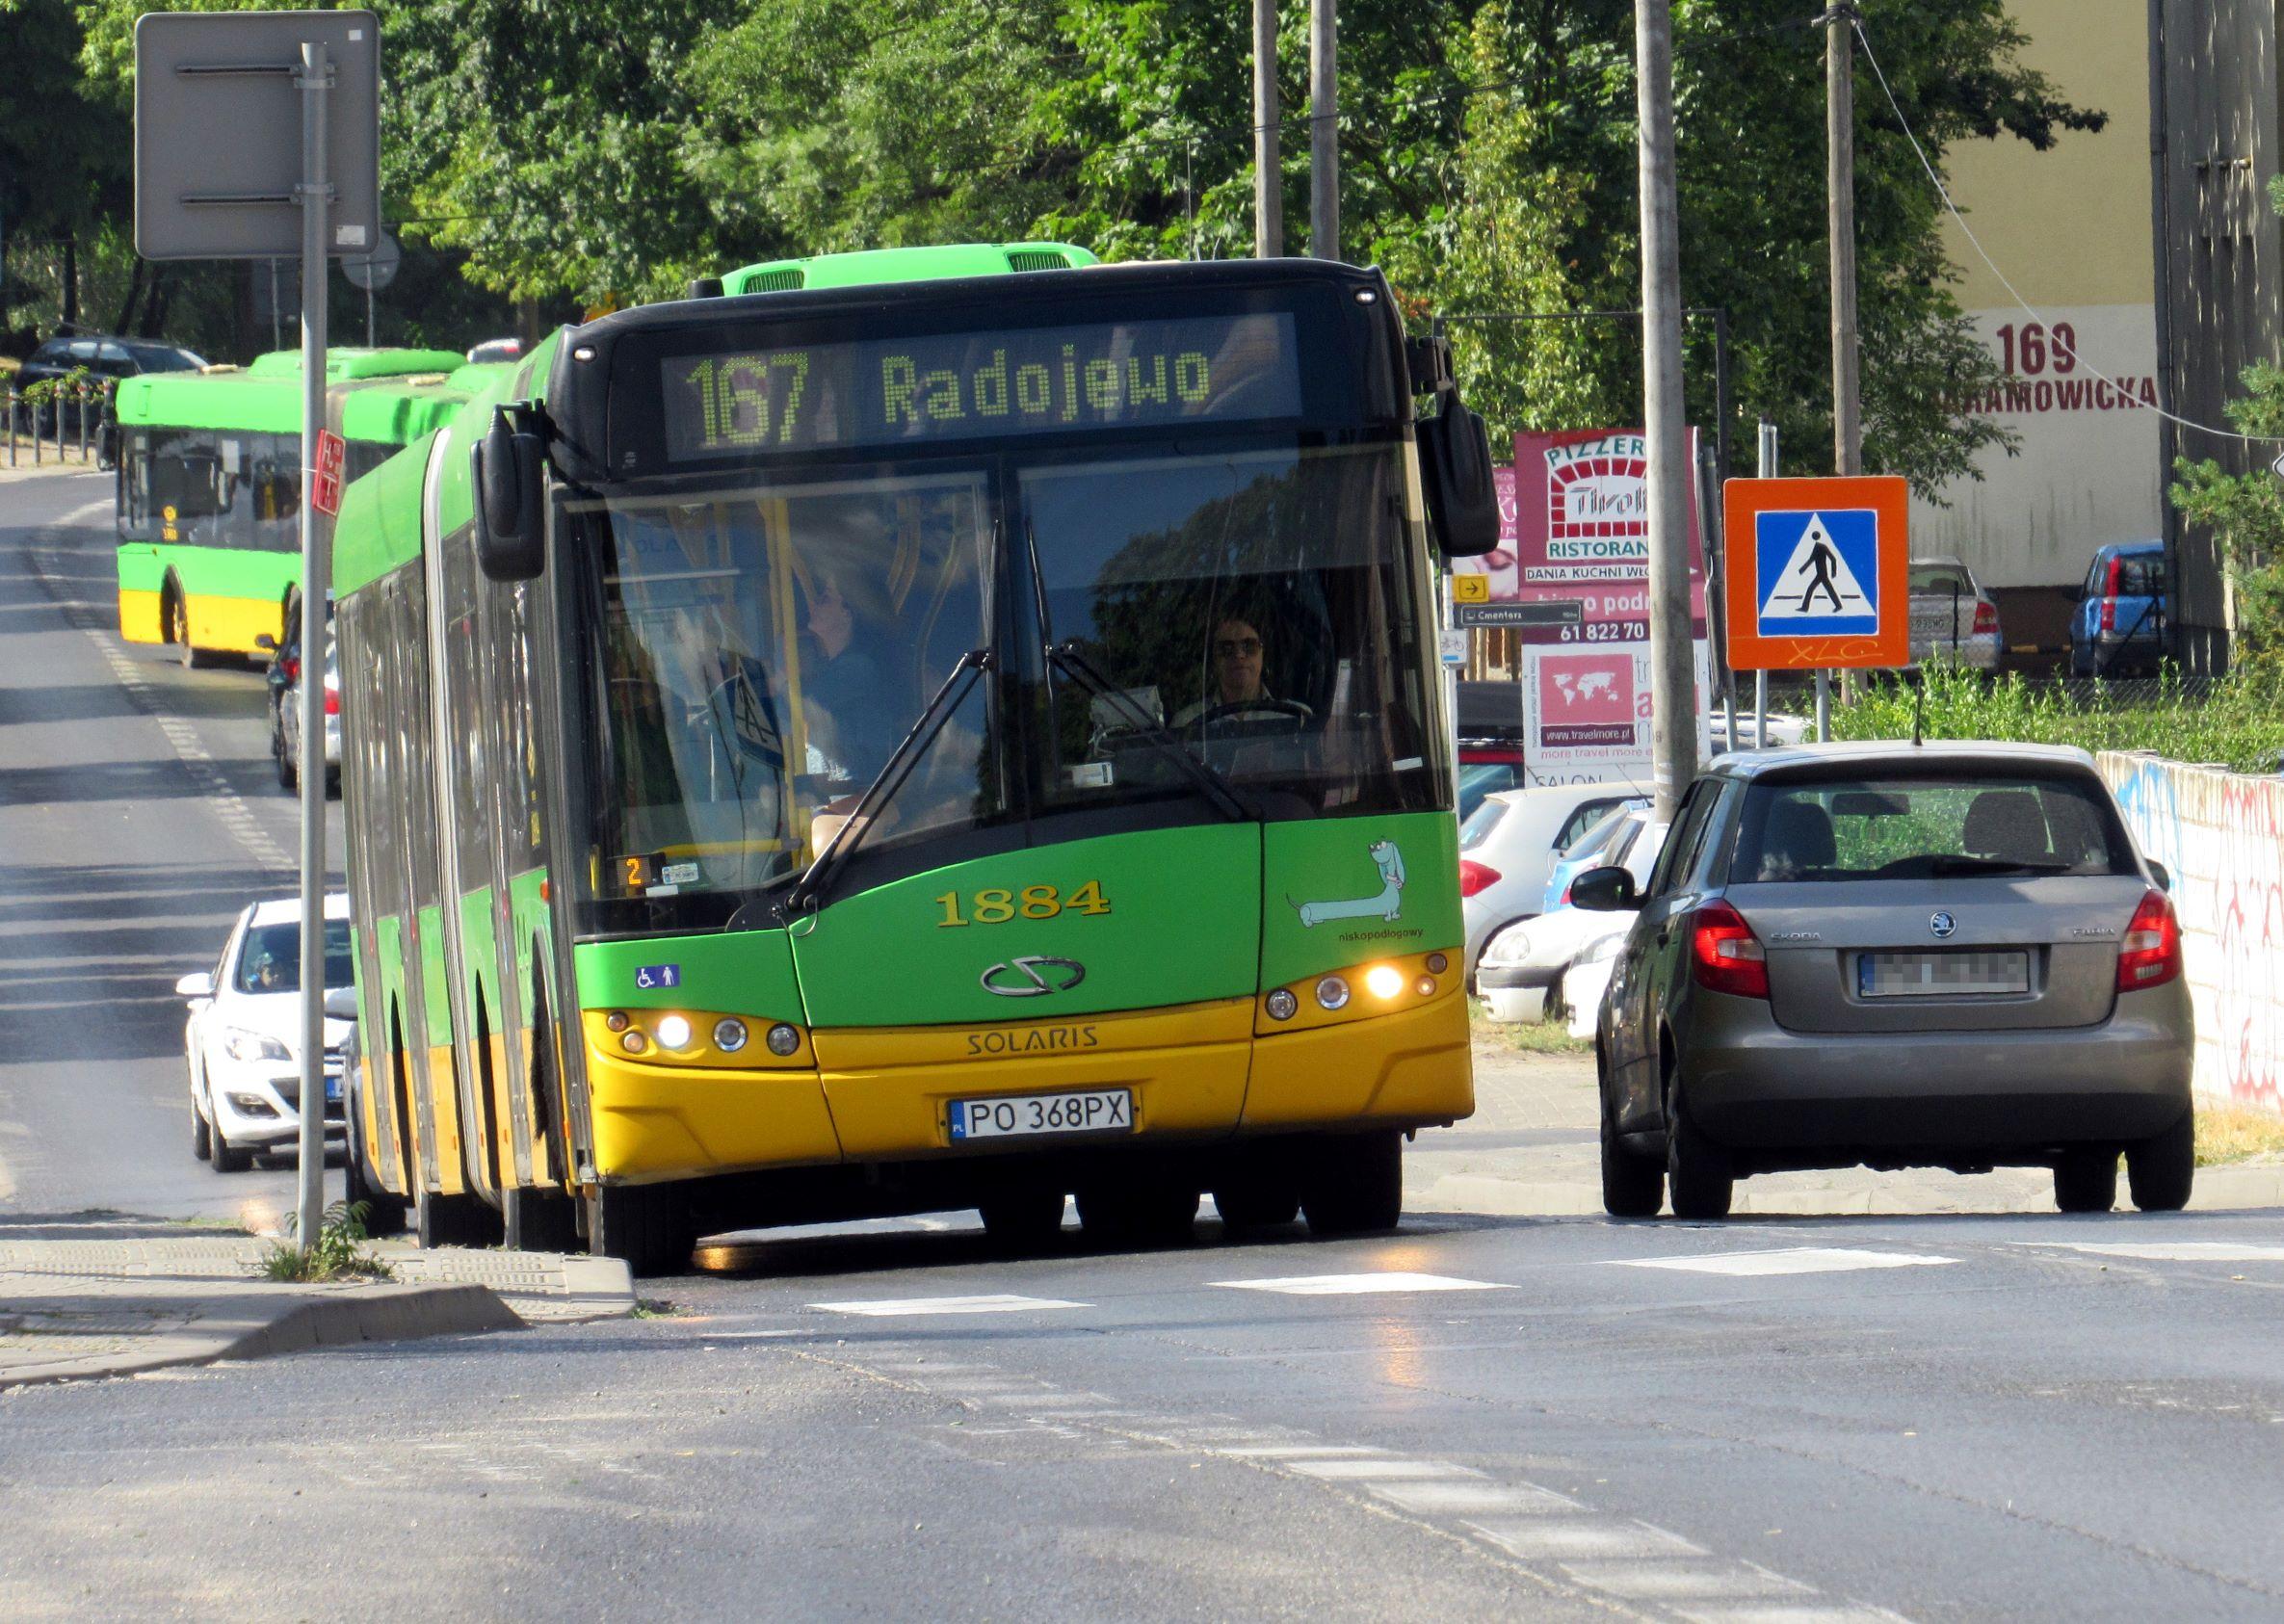 Poniedziałkowe zmiany w rozkładach jazdy autobusów